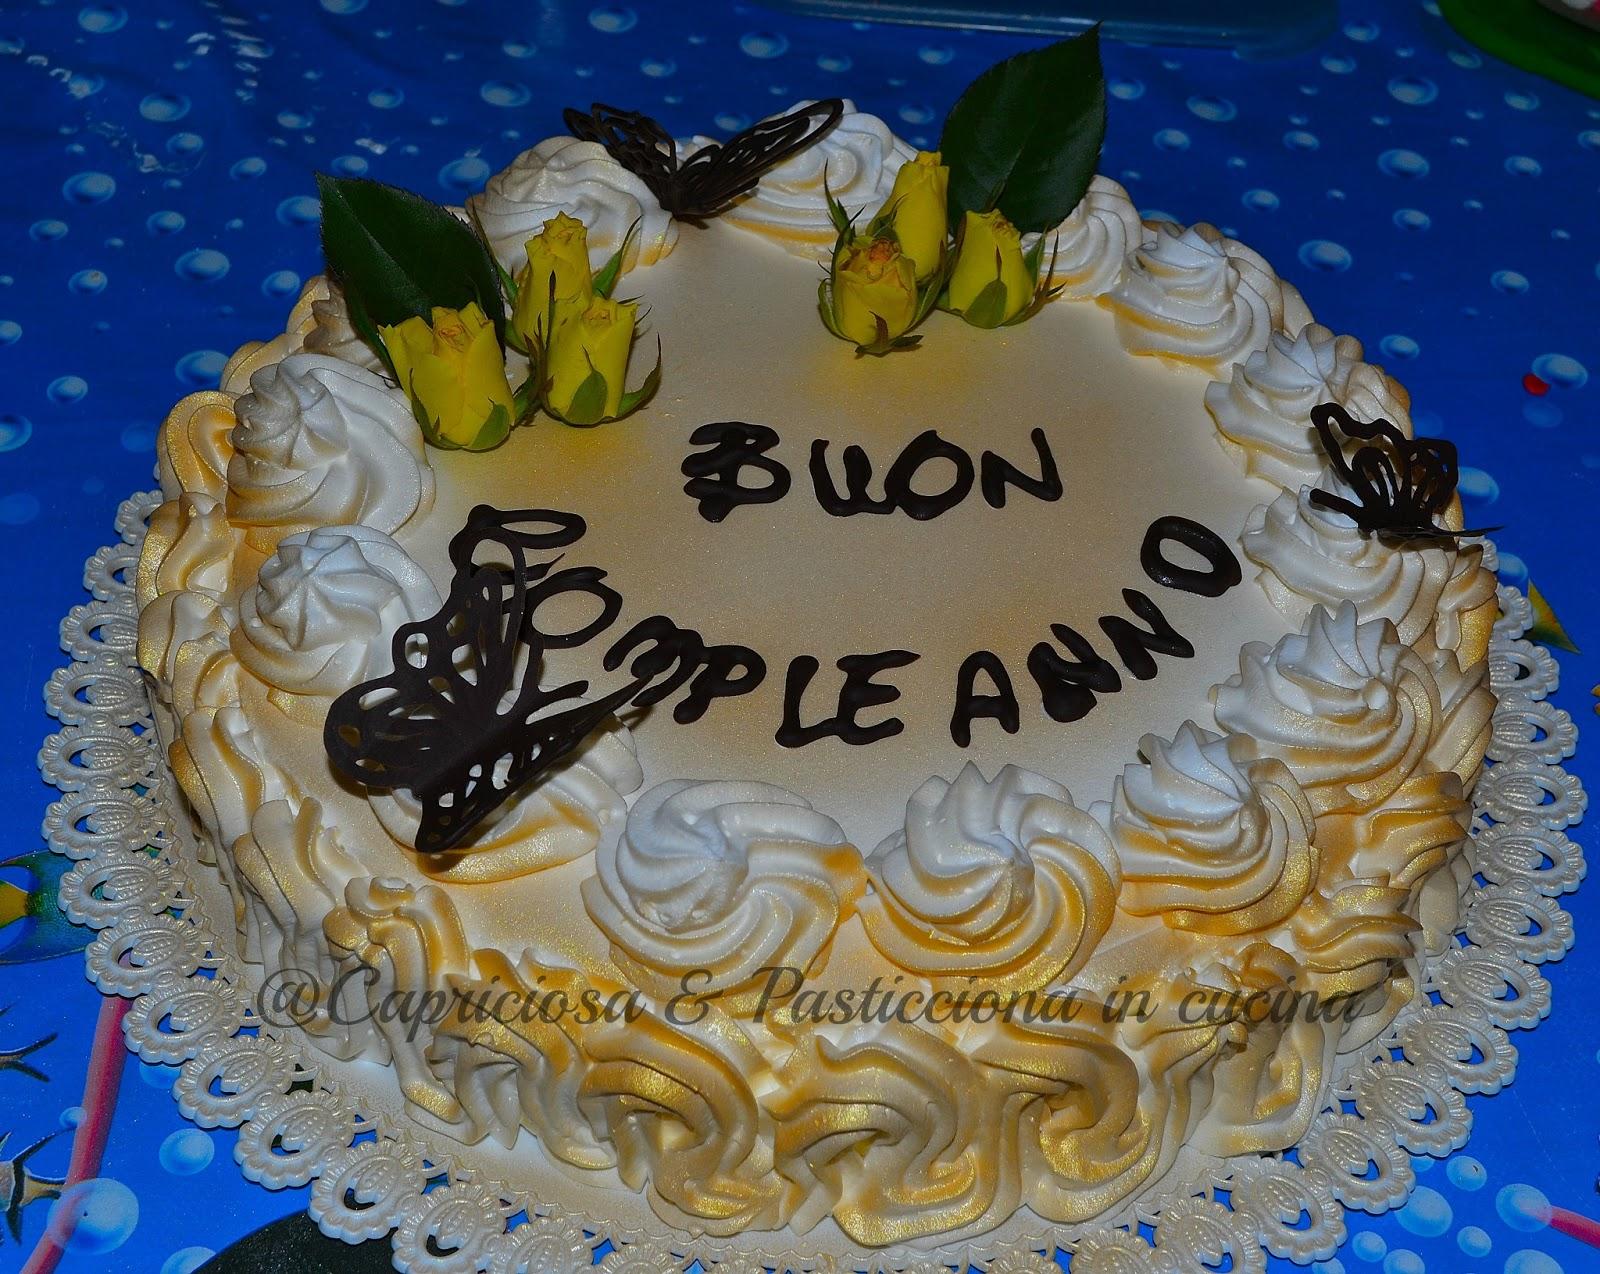 Capricciosa e pasticciona in cucina torte di compleanno x for Decorazioni di torte con panna montata